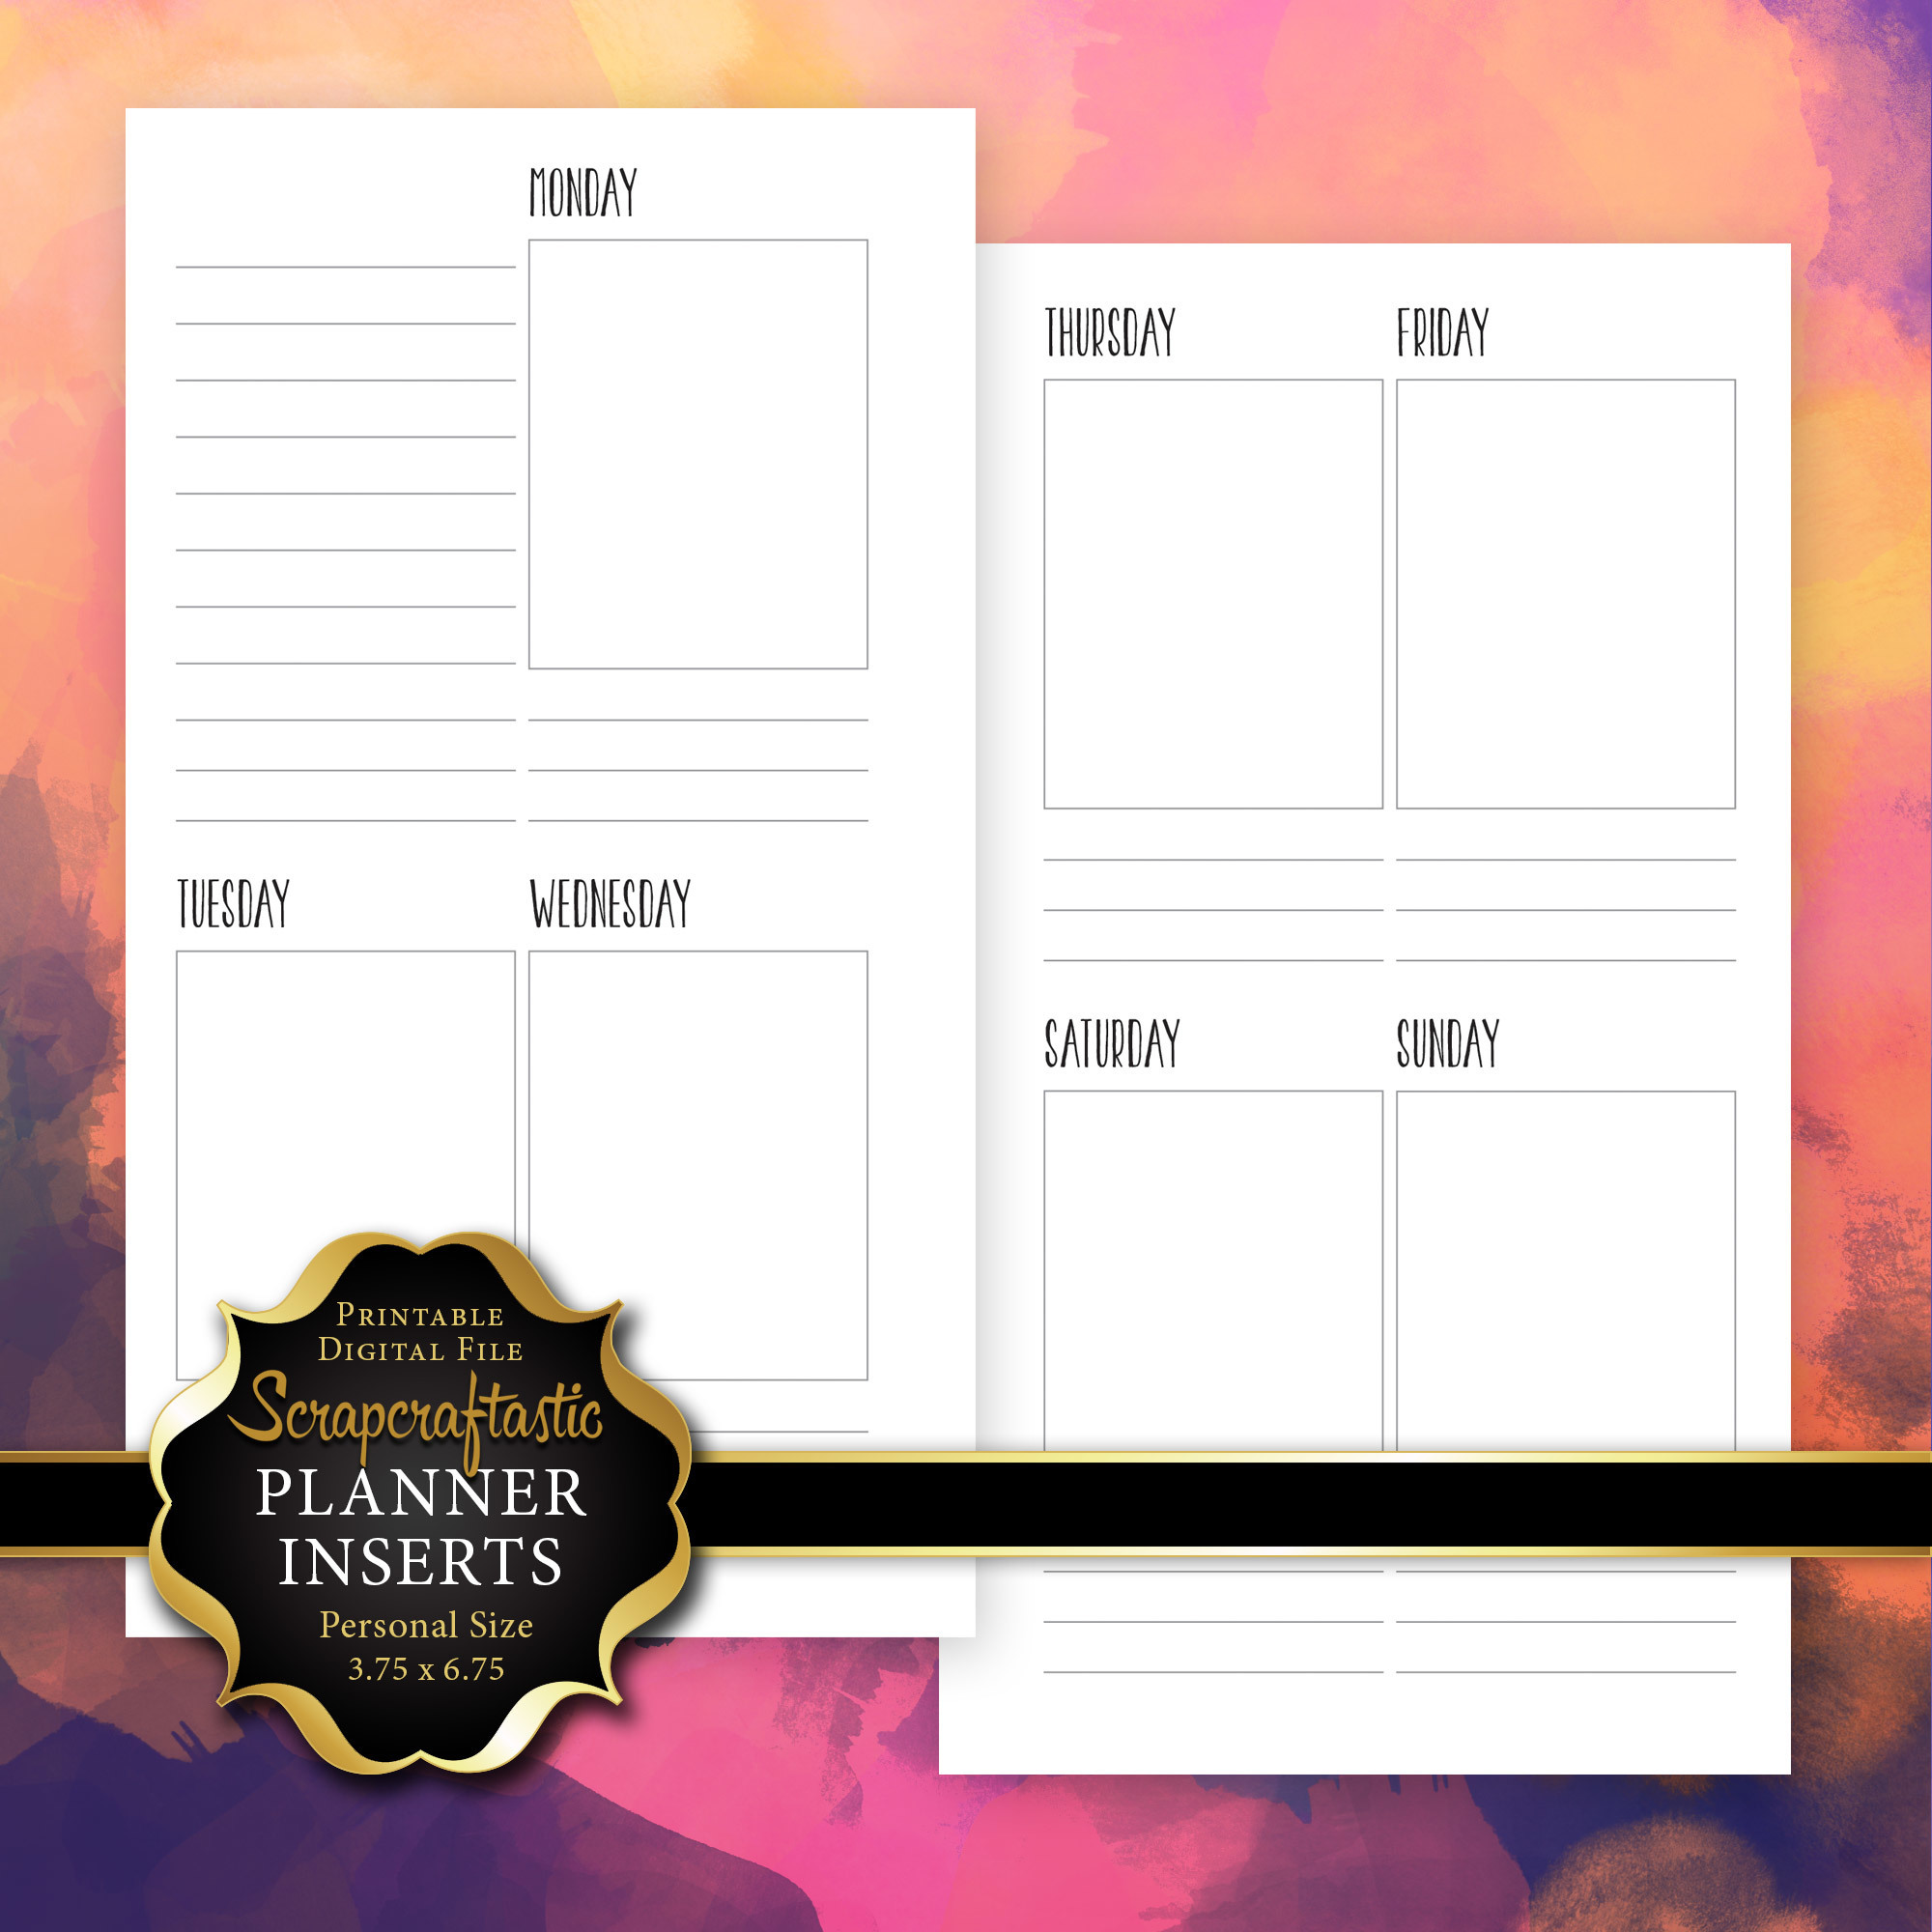 Planner Printable Insert Refill Undated WO2P Personal Size - Filofax Kikki K ColorCrush Erin Condren Size Full Boxes 00218